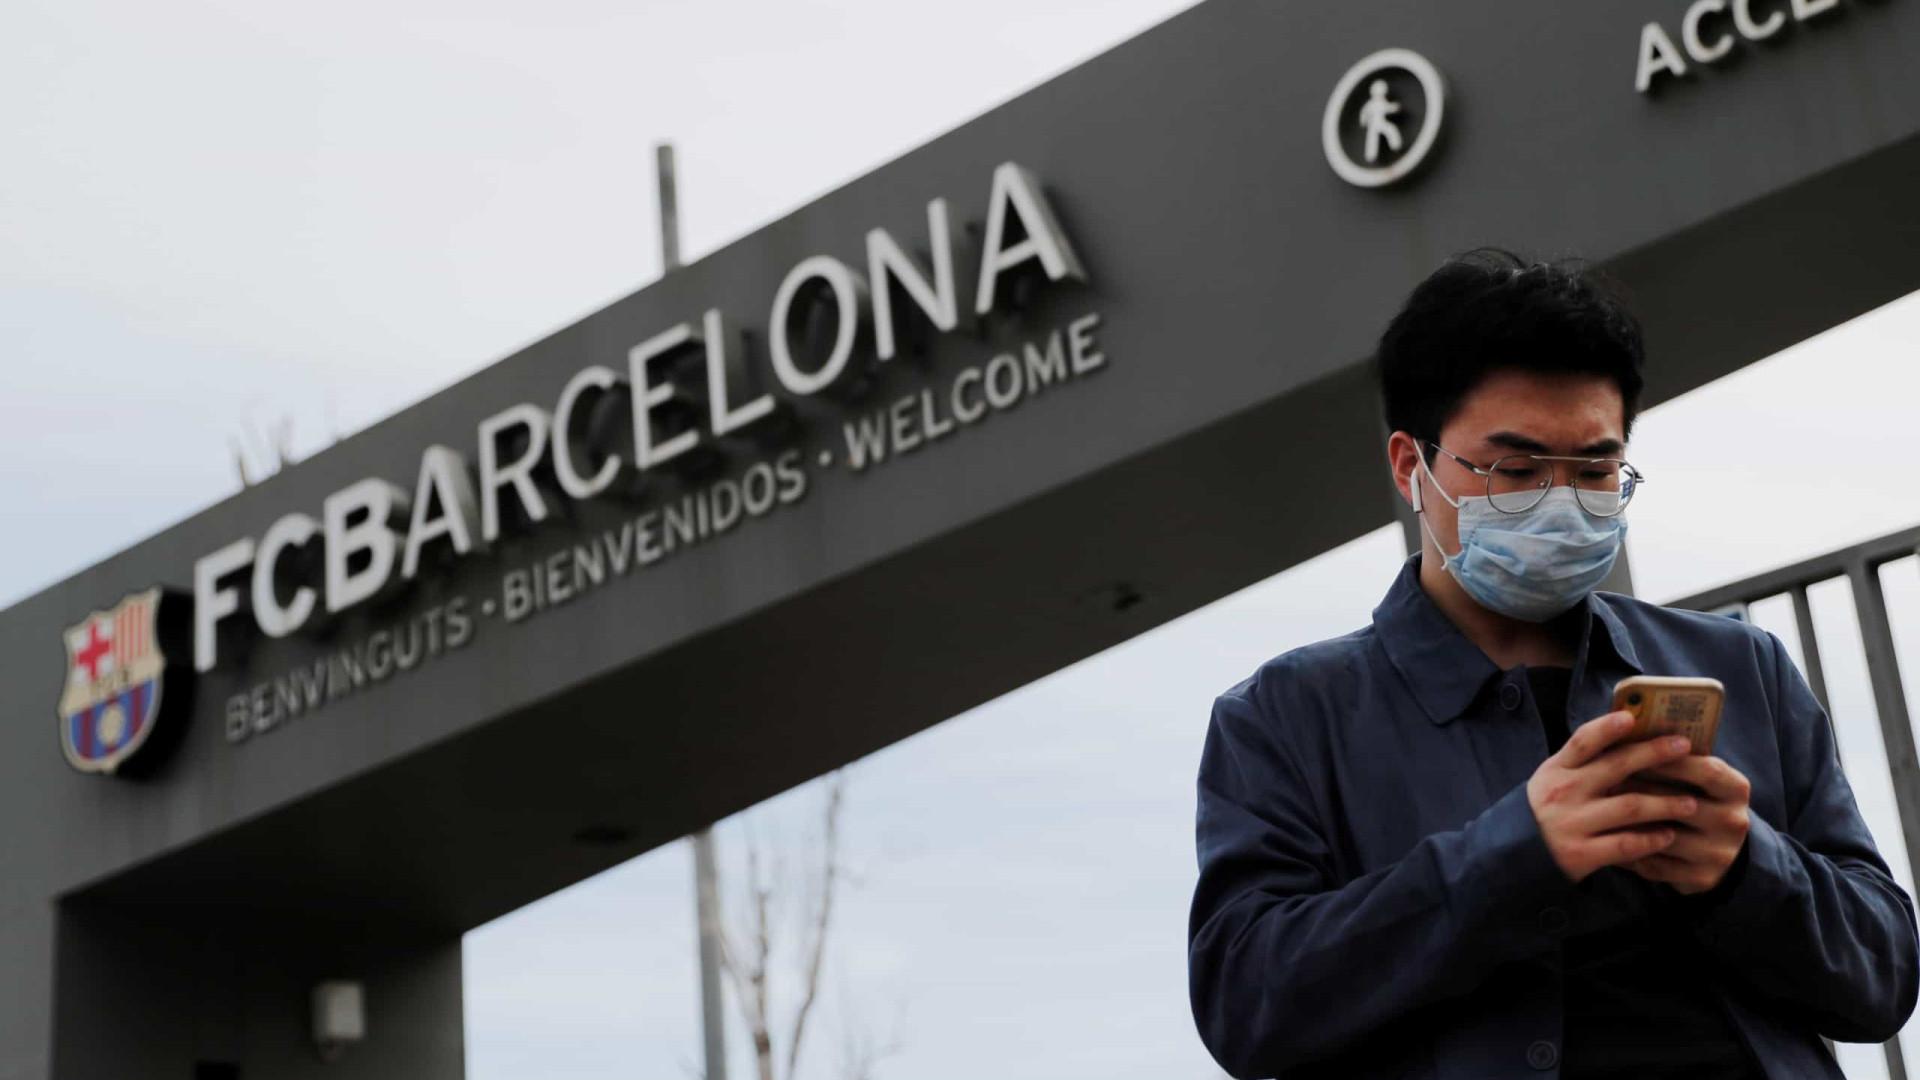 Presidente diz que Barcelona deixou de ganhar 200 milhões de euros